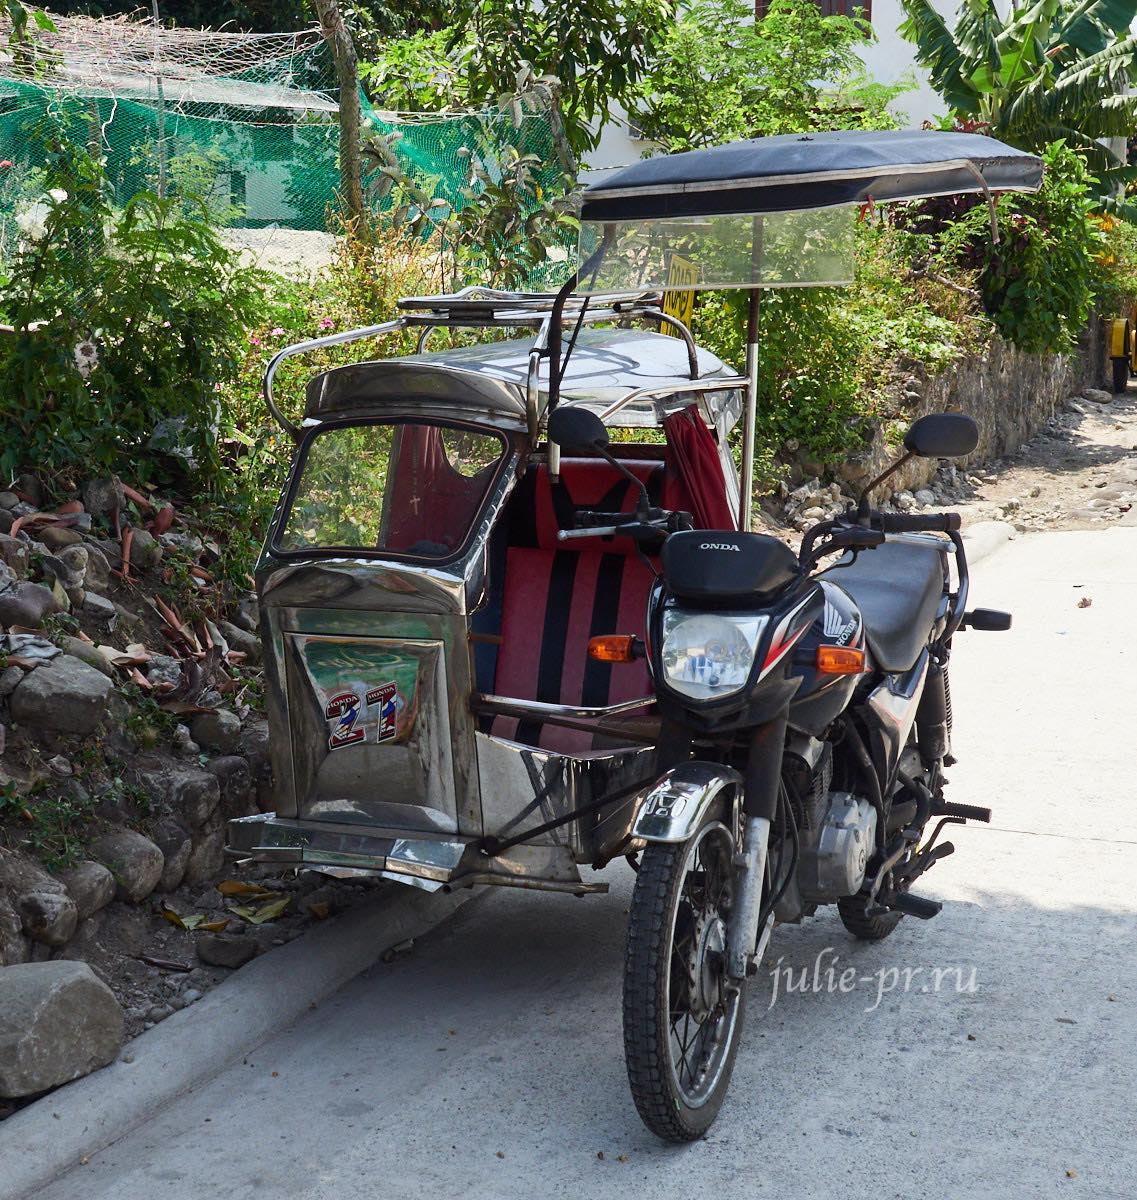 Филиппины, острова Батанес, мотоцикл